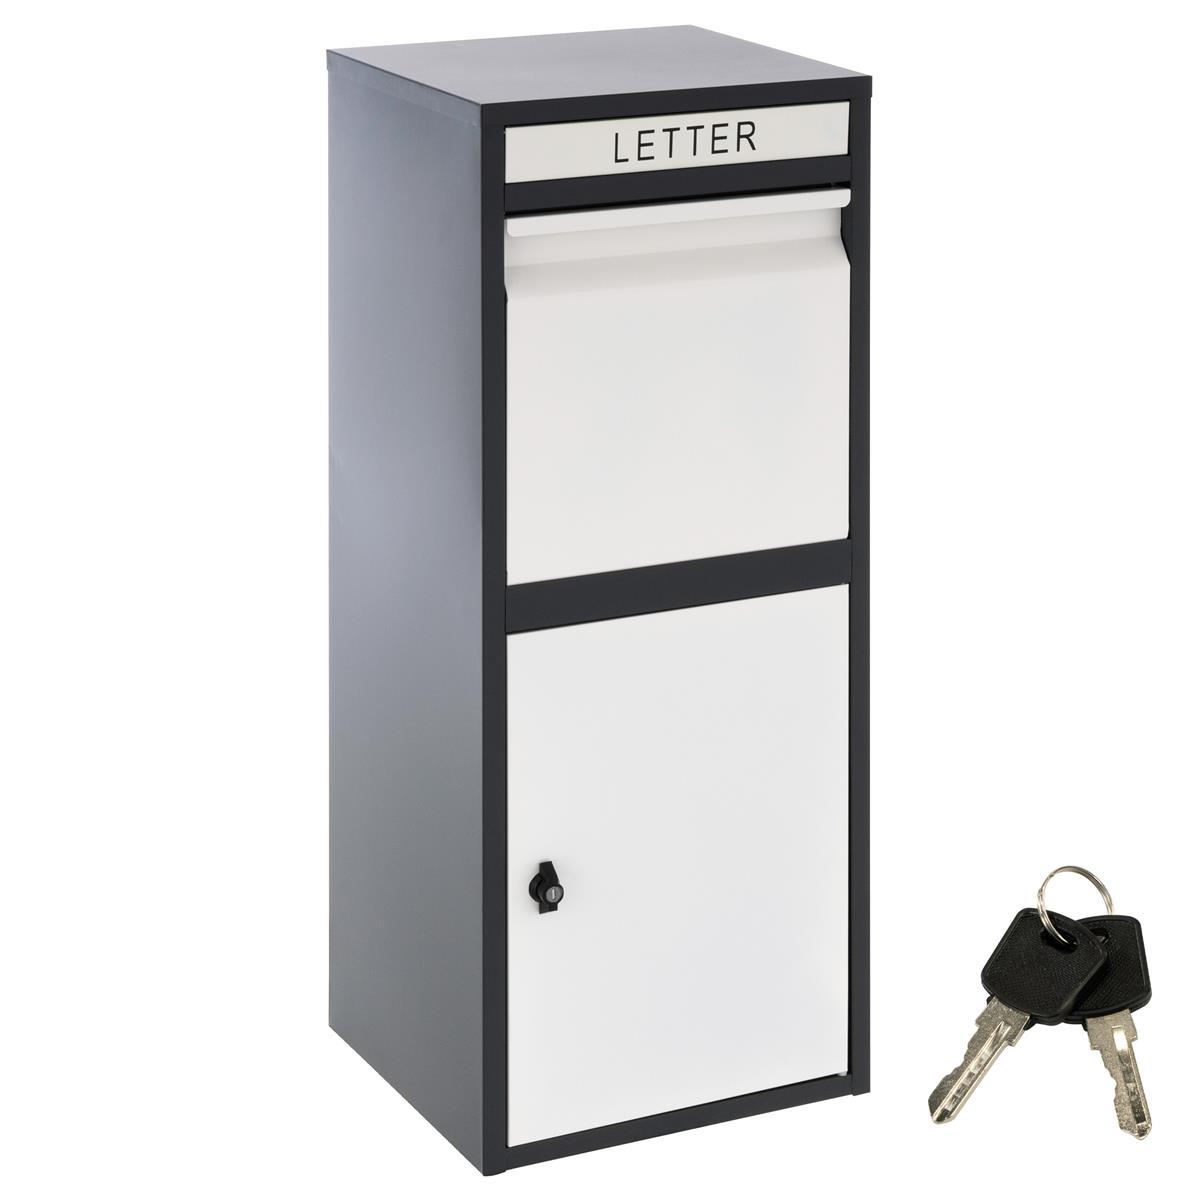 Paketbriefkasten KIM schwarz weiß Stahl Standbriefkasten Pakete Postbox